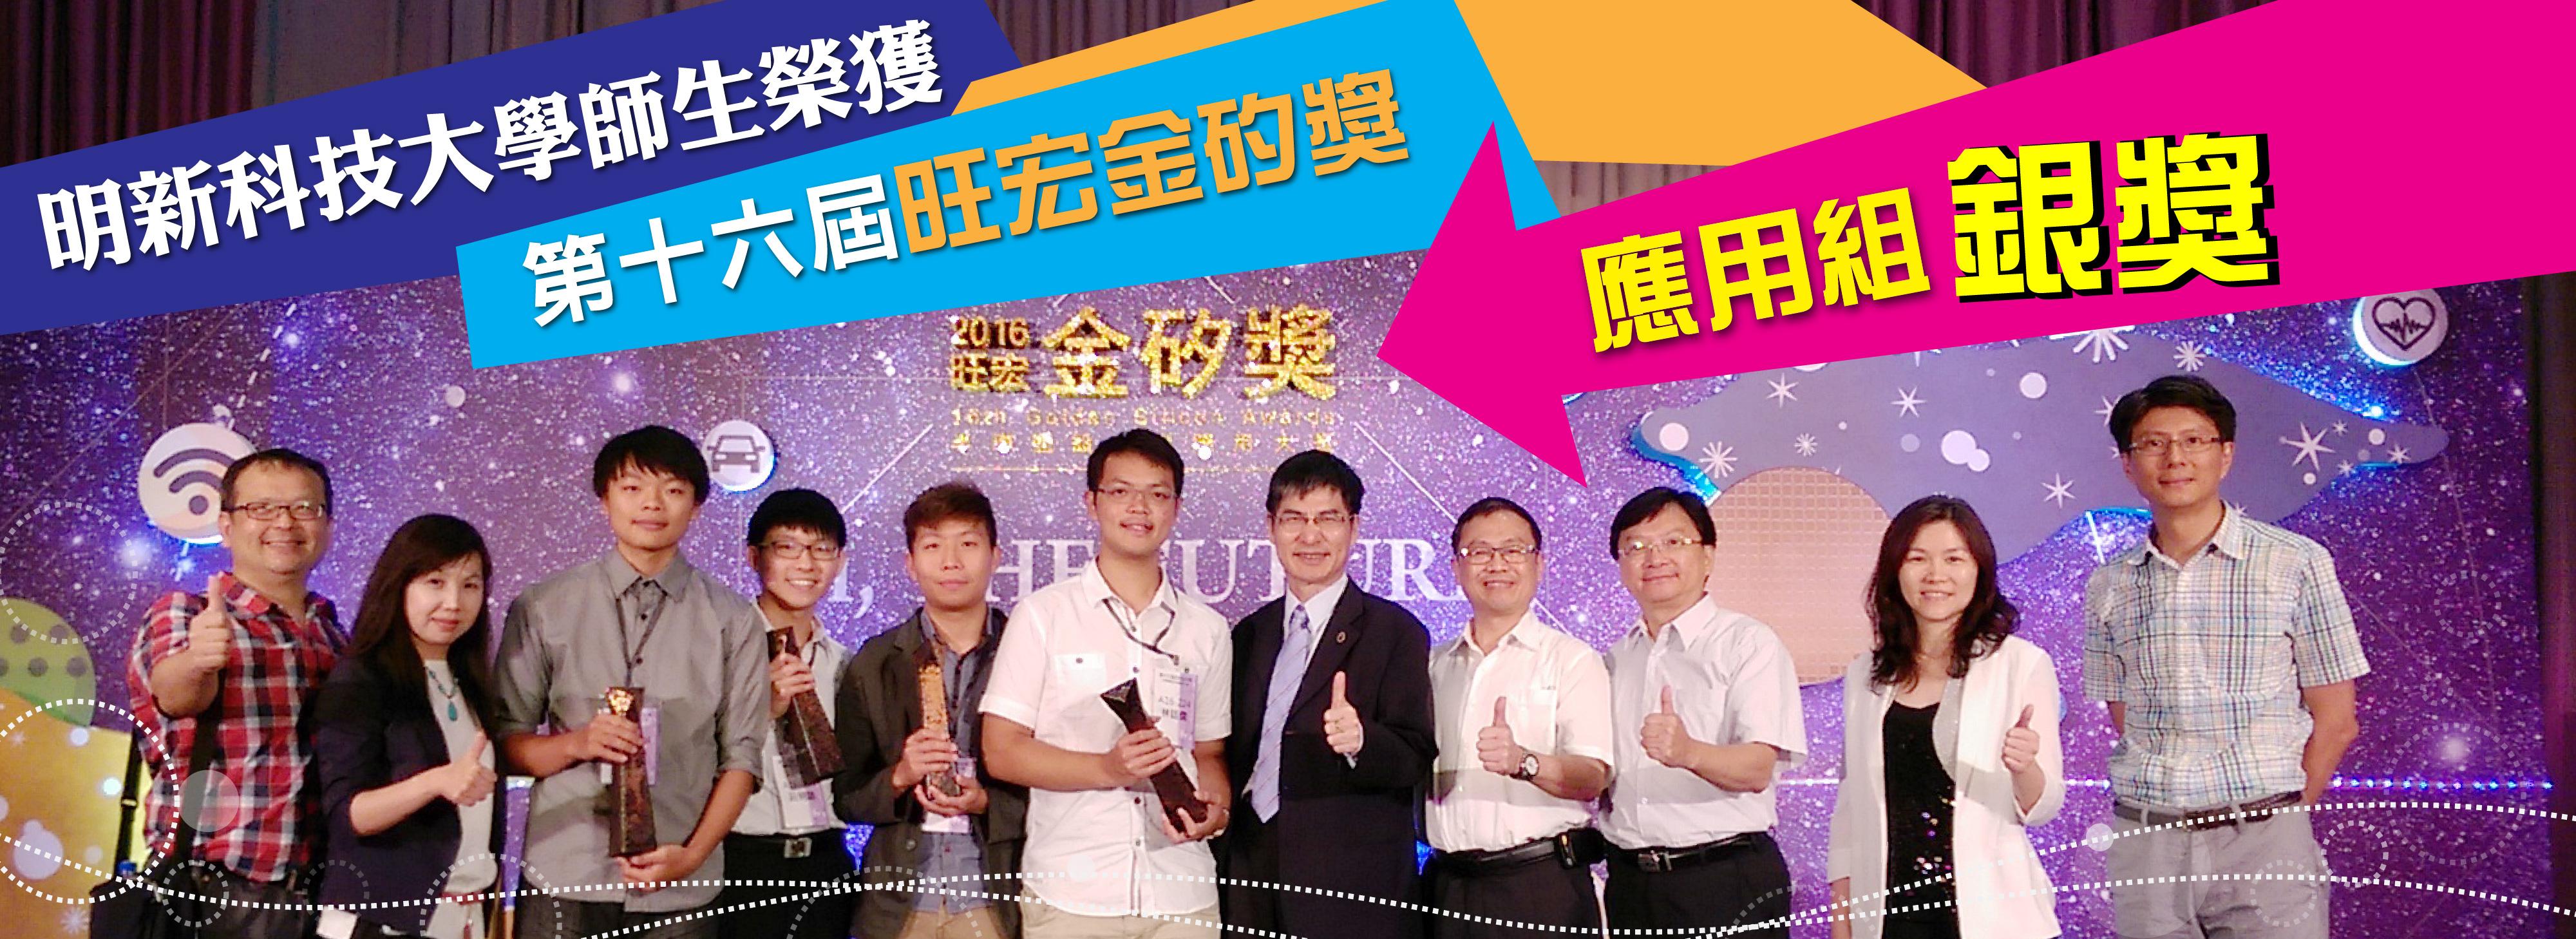 賀!明新科技大學師生榮獲第十六屆旺宏金矽獎應用組銀獎